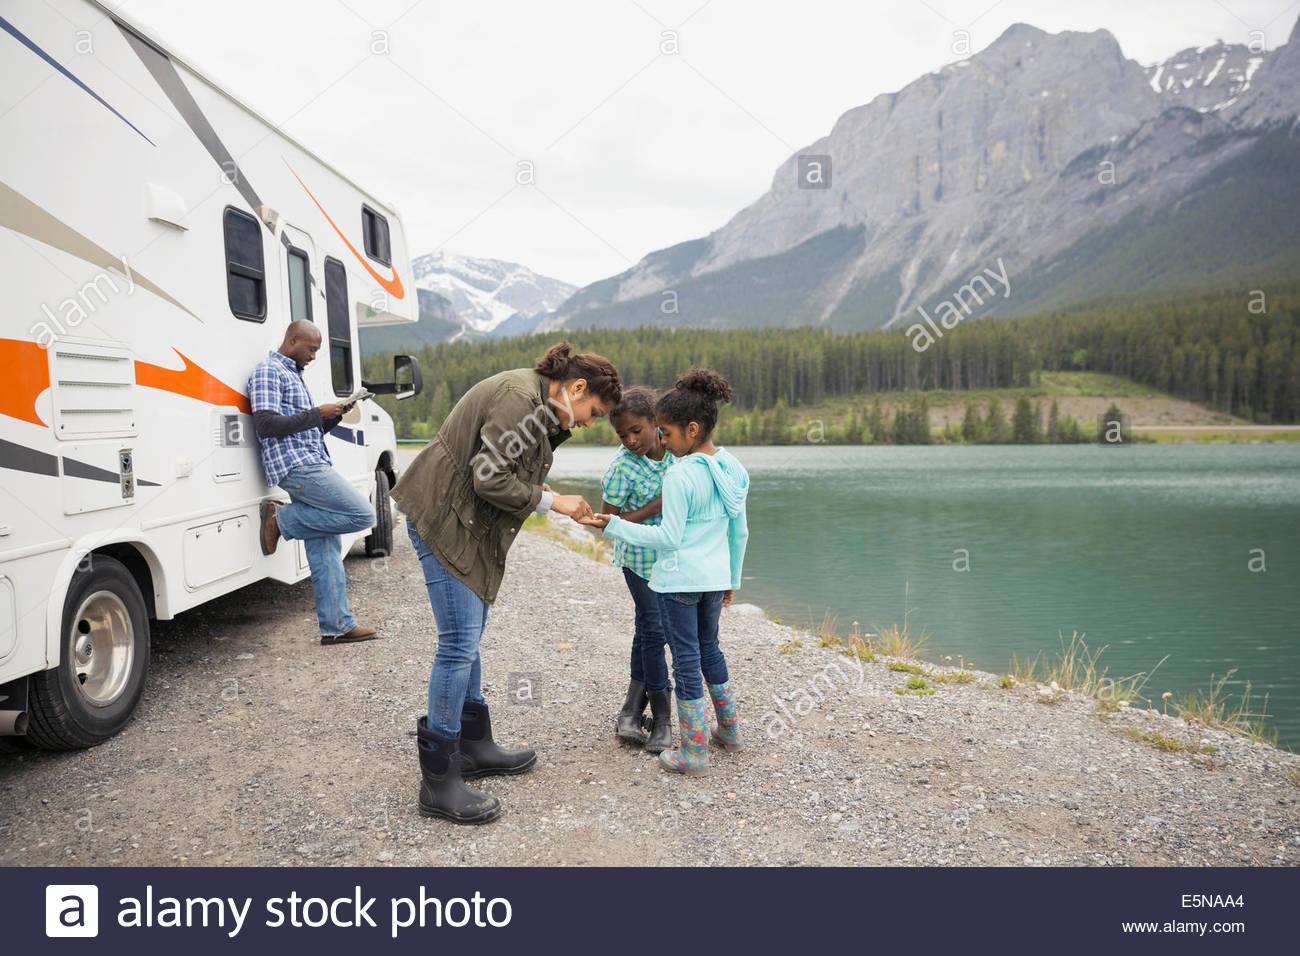 Familia de pie en lakeside cerca de RV Foto de stock